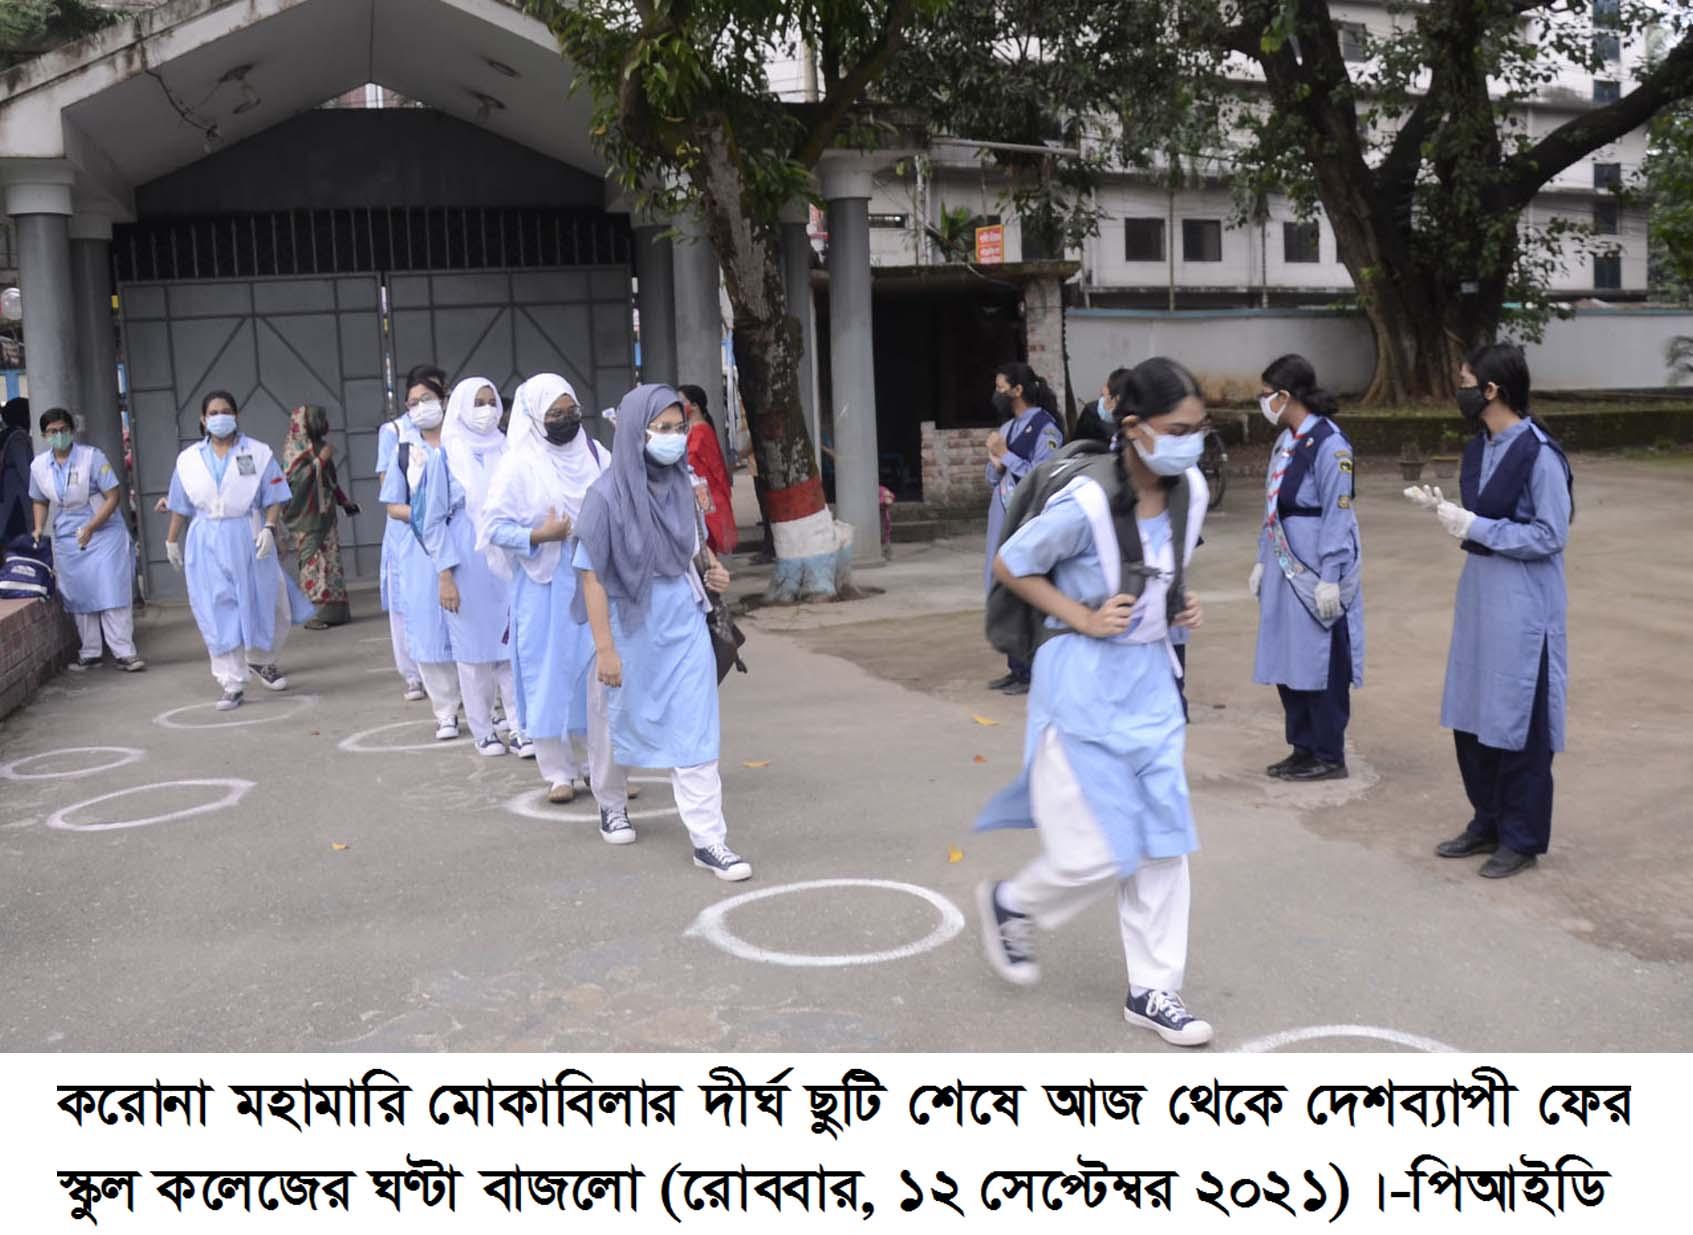 Schools, Colleges reopen in Bangladesh